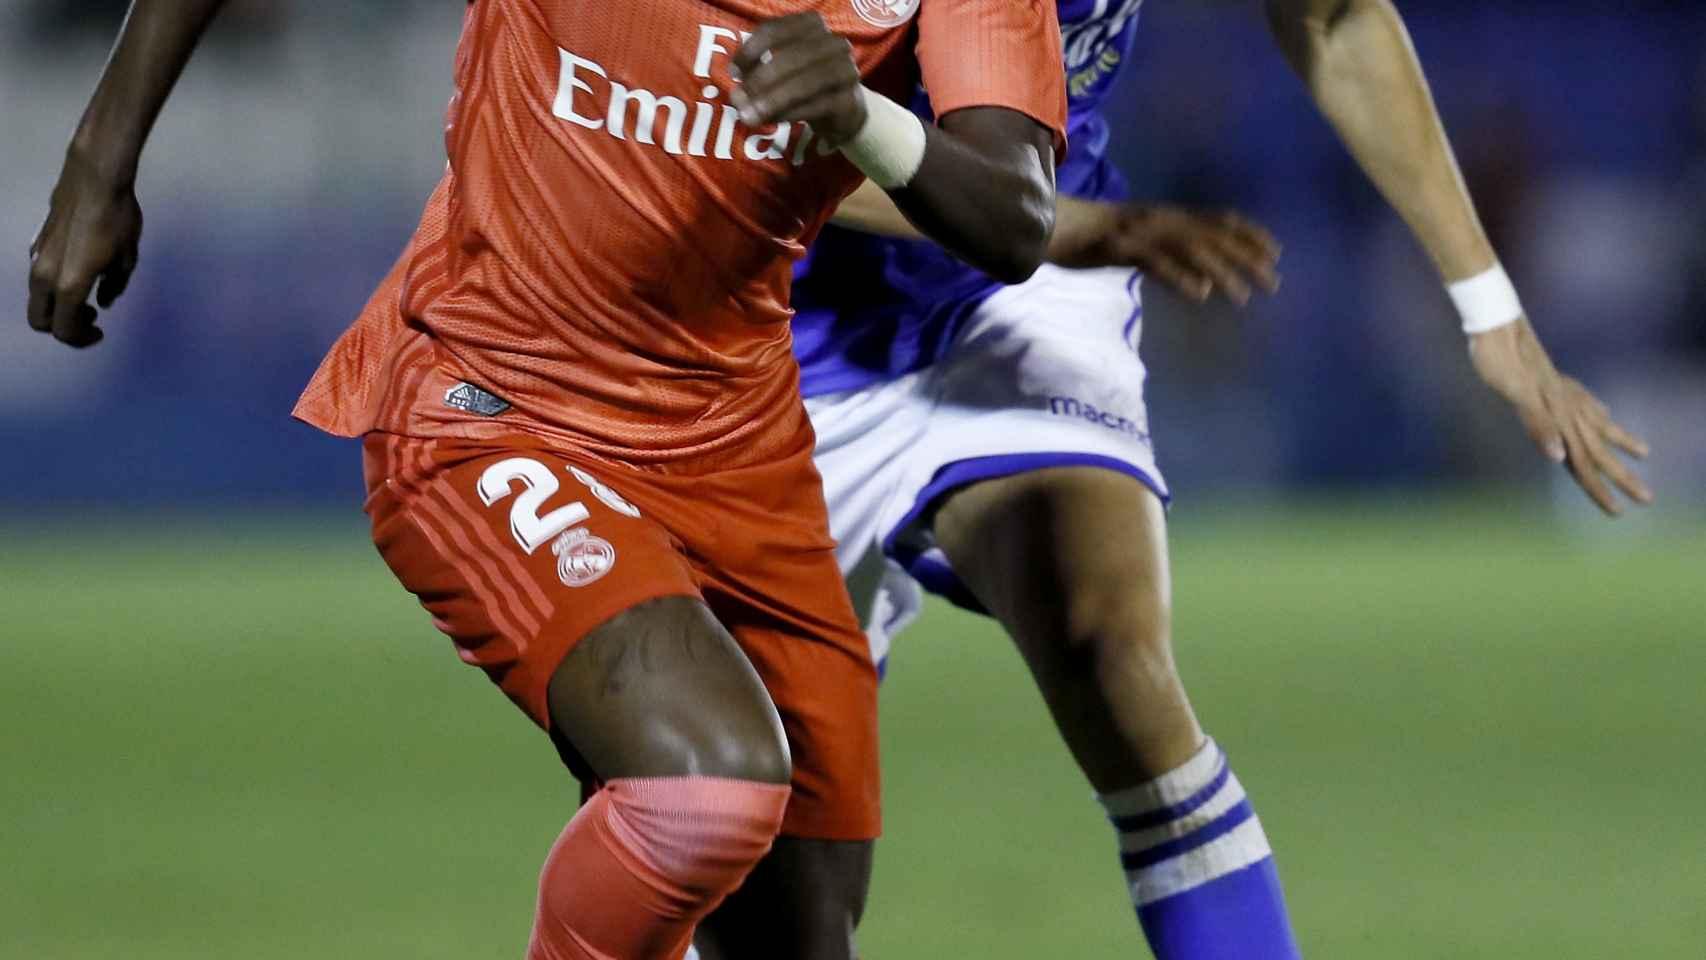 Vinicius debuta como titular en el Real Madrid ante el Melilla